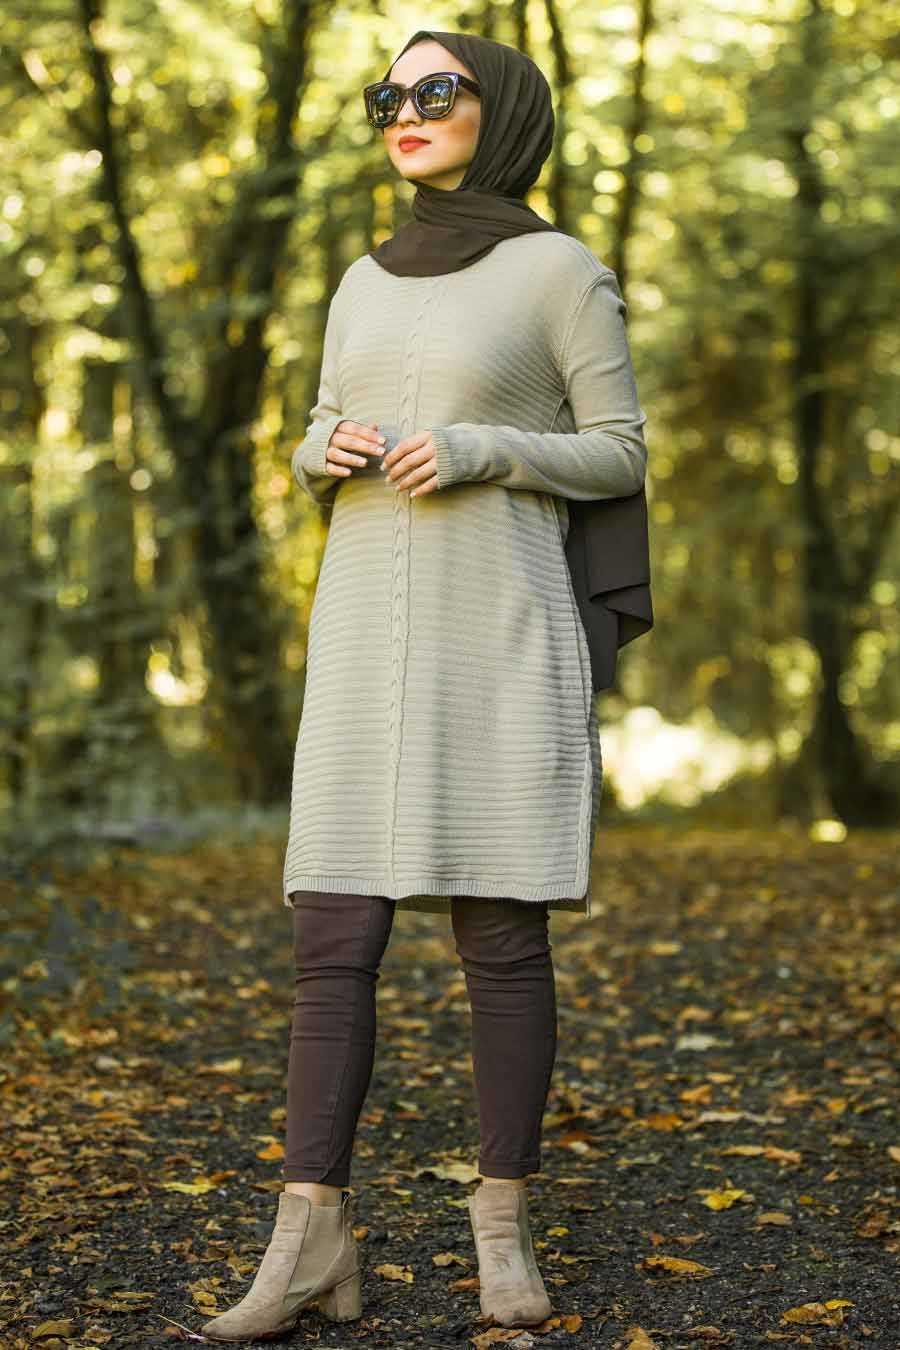 Mink Hijab Knitwear Tunic 2102V